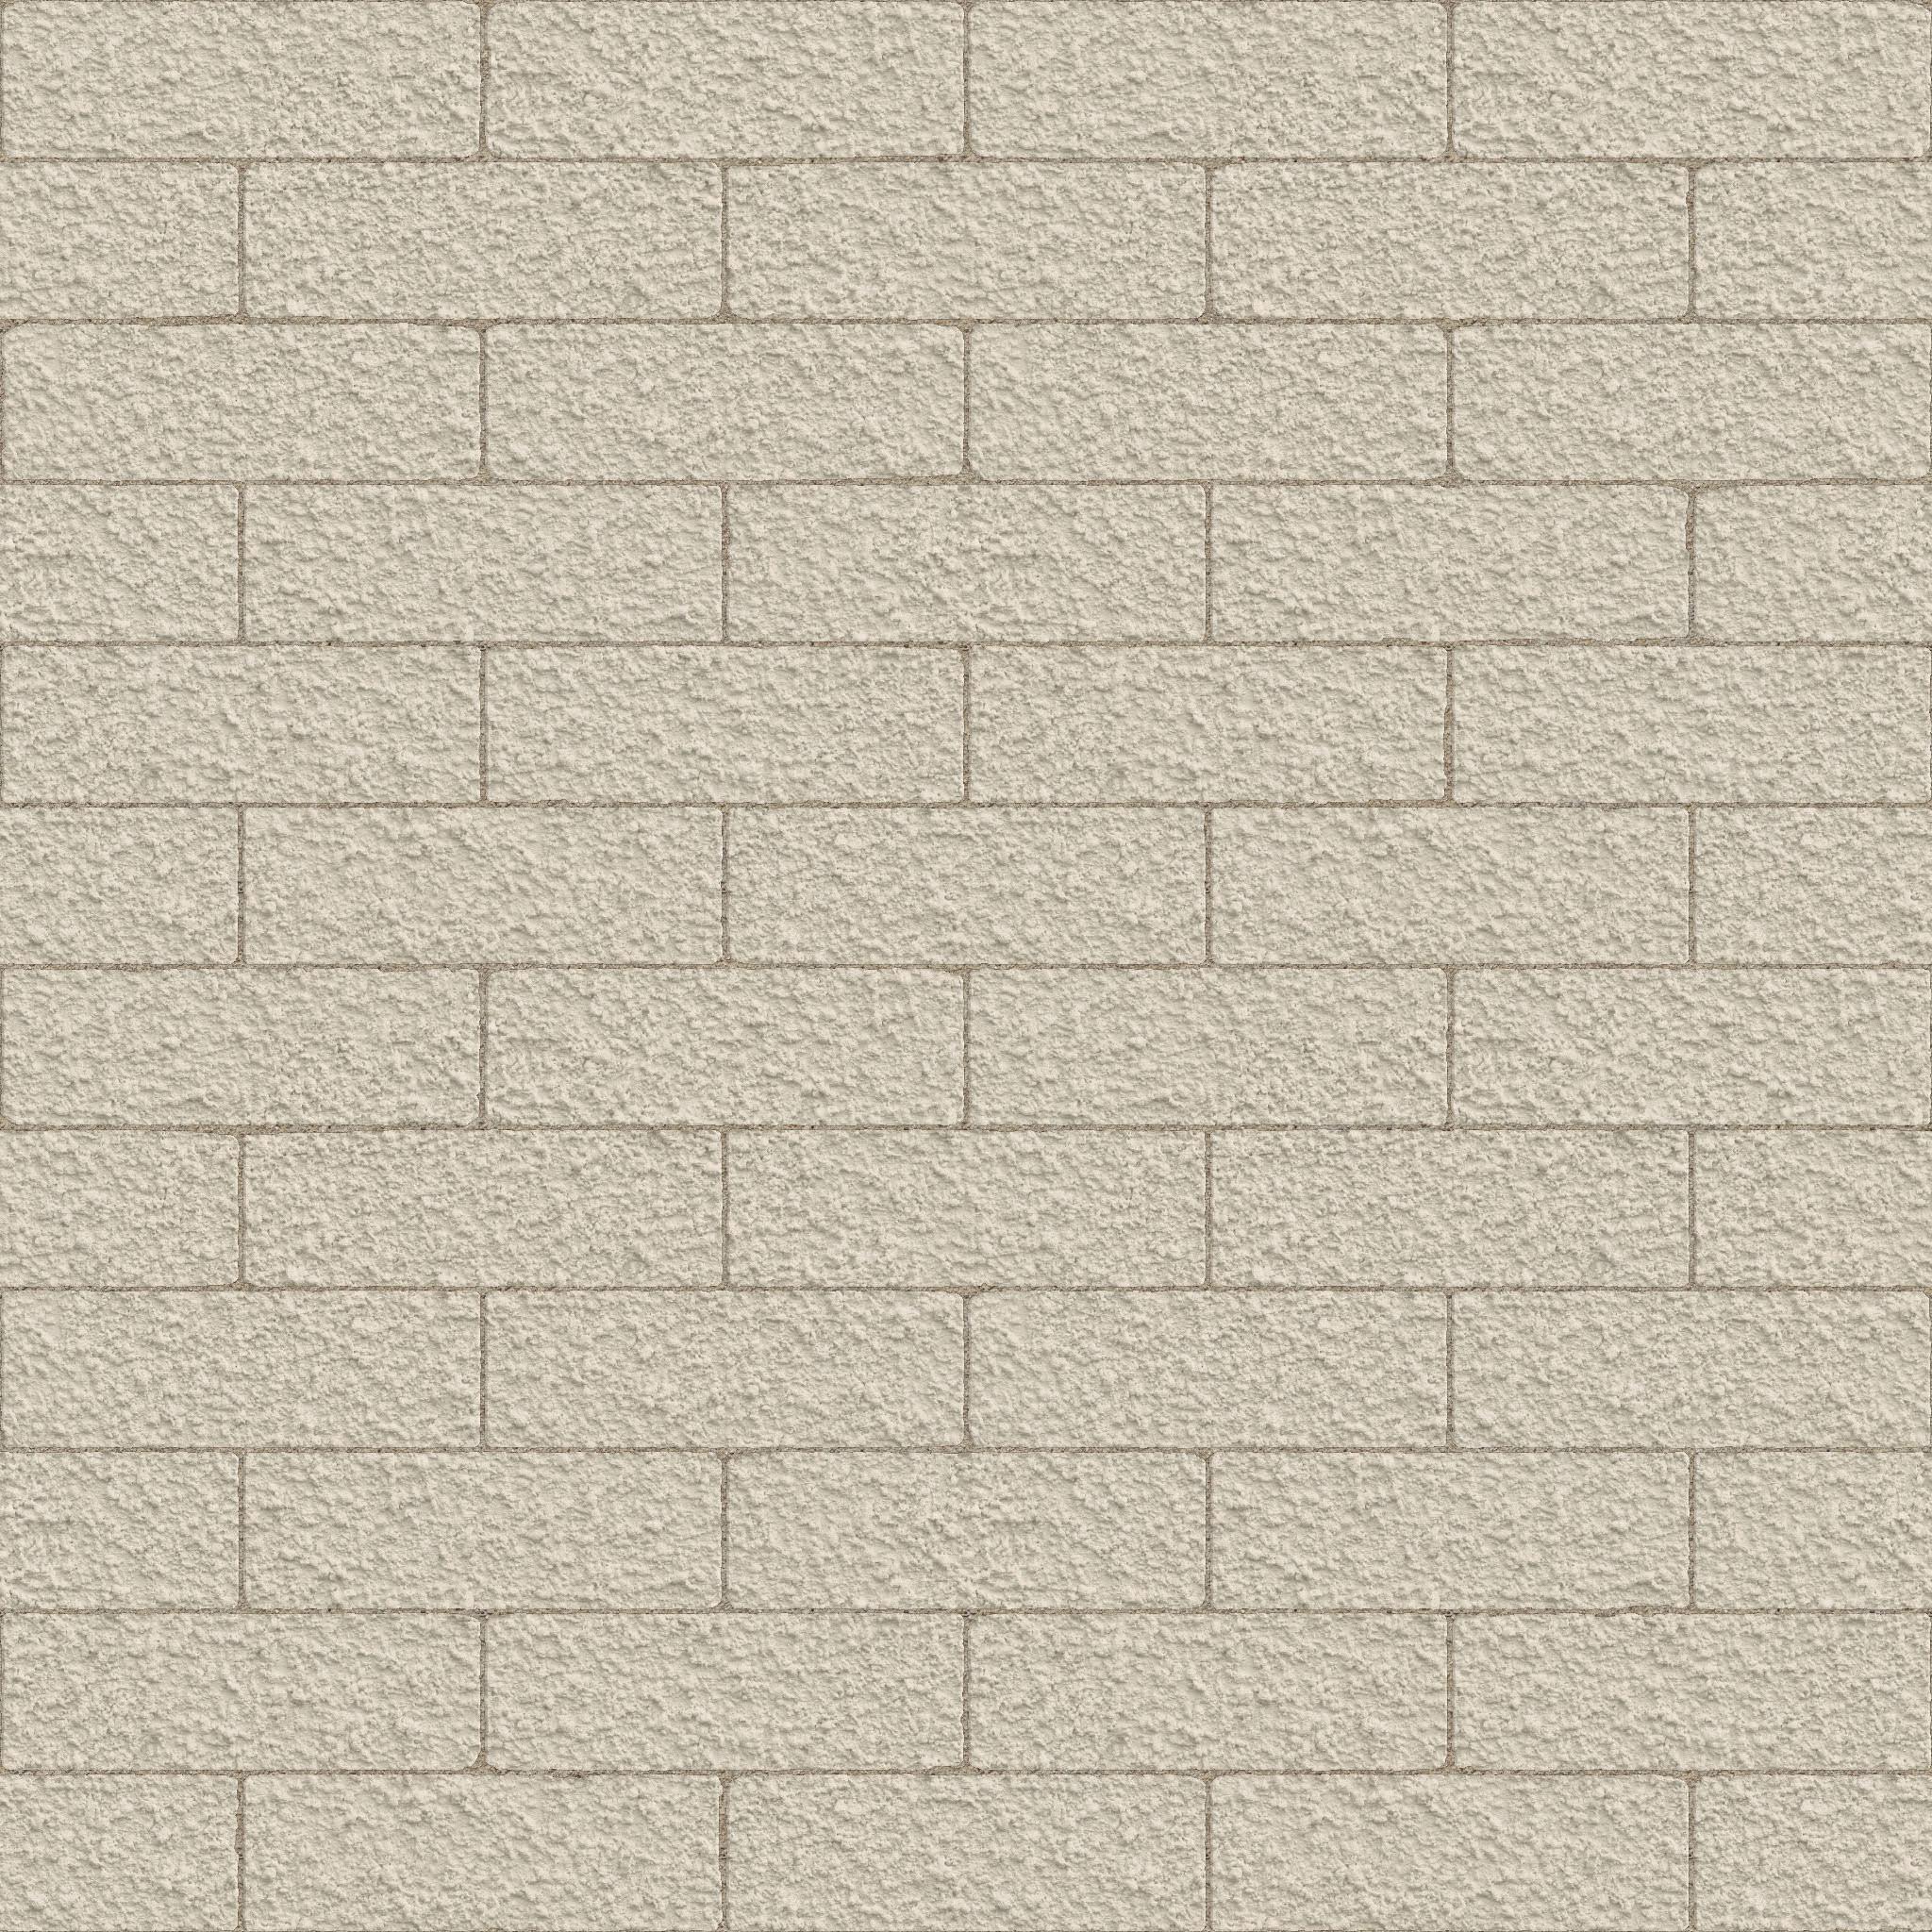 seamless white wall texture